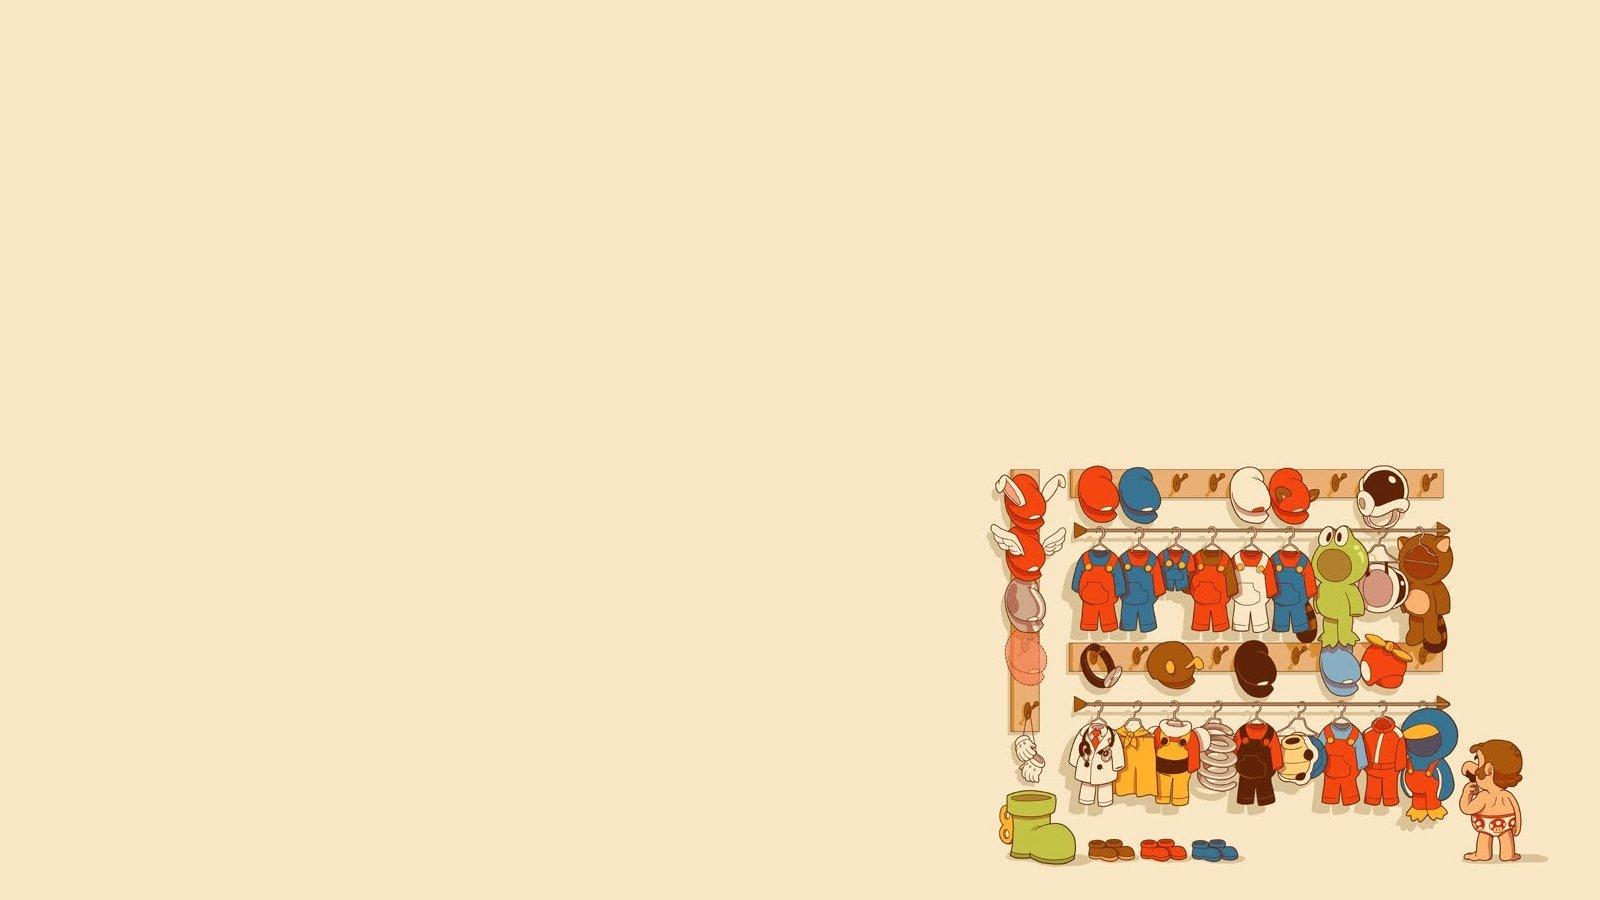 47 Hd Tumblr Desktop Wallpapers On Wallpapersafari